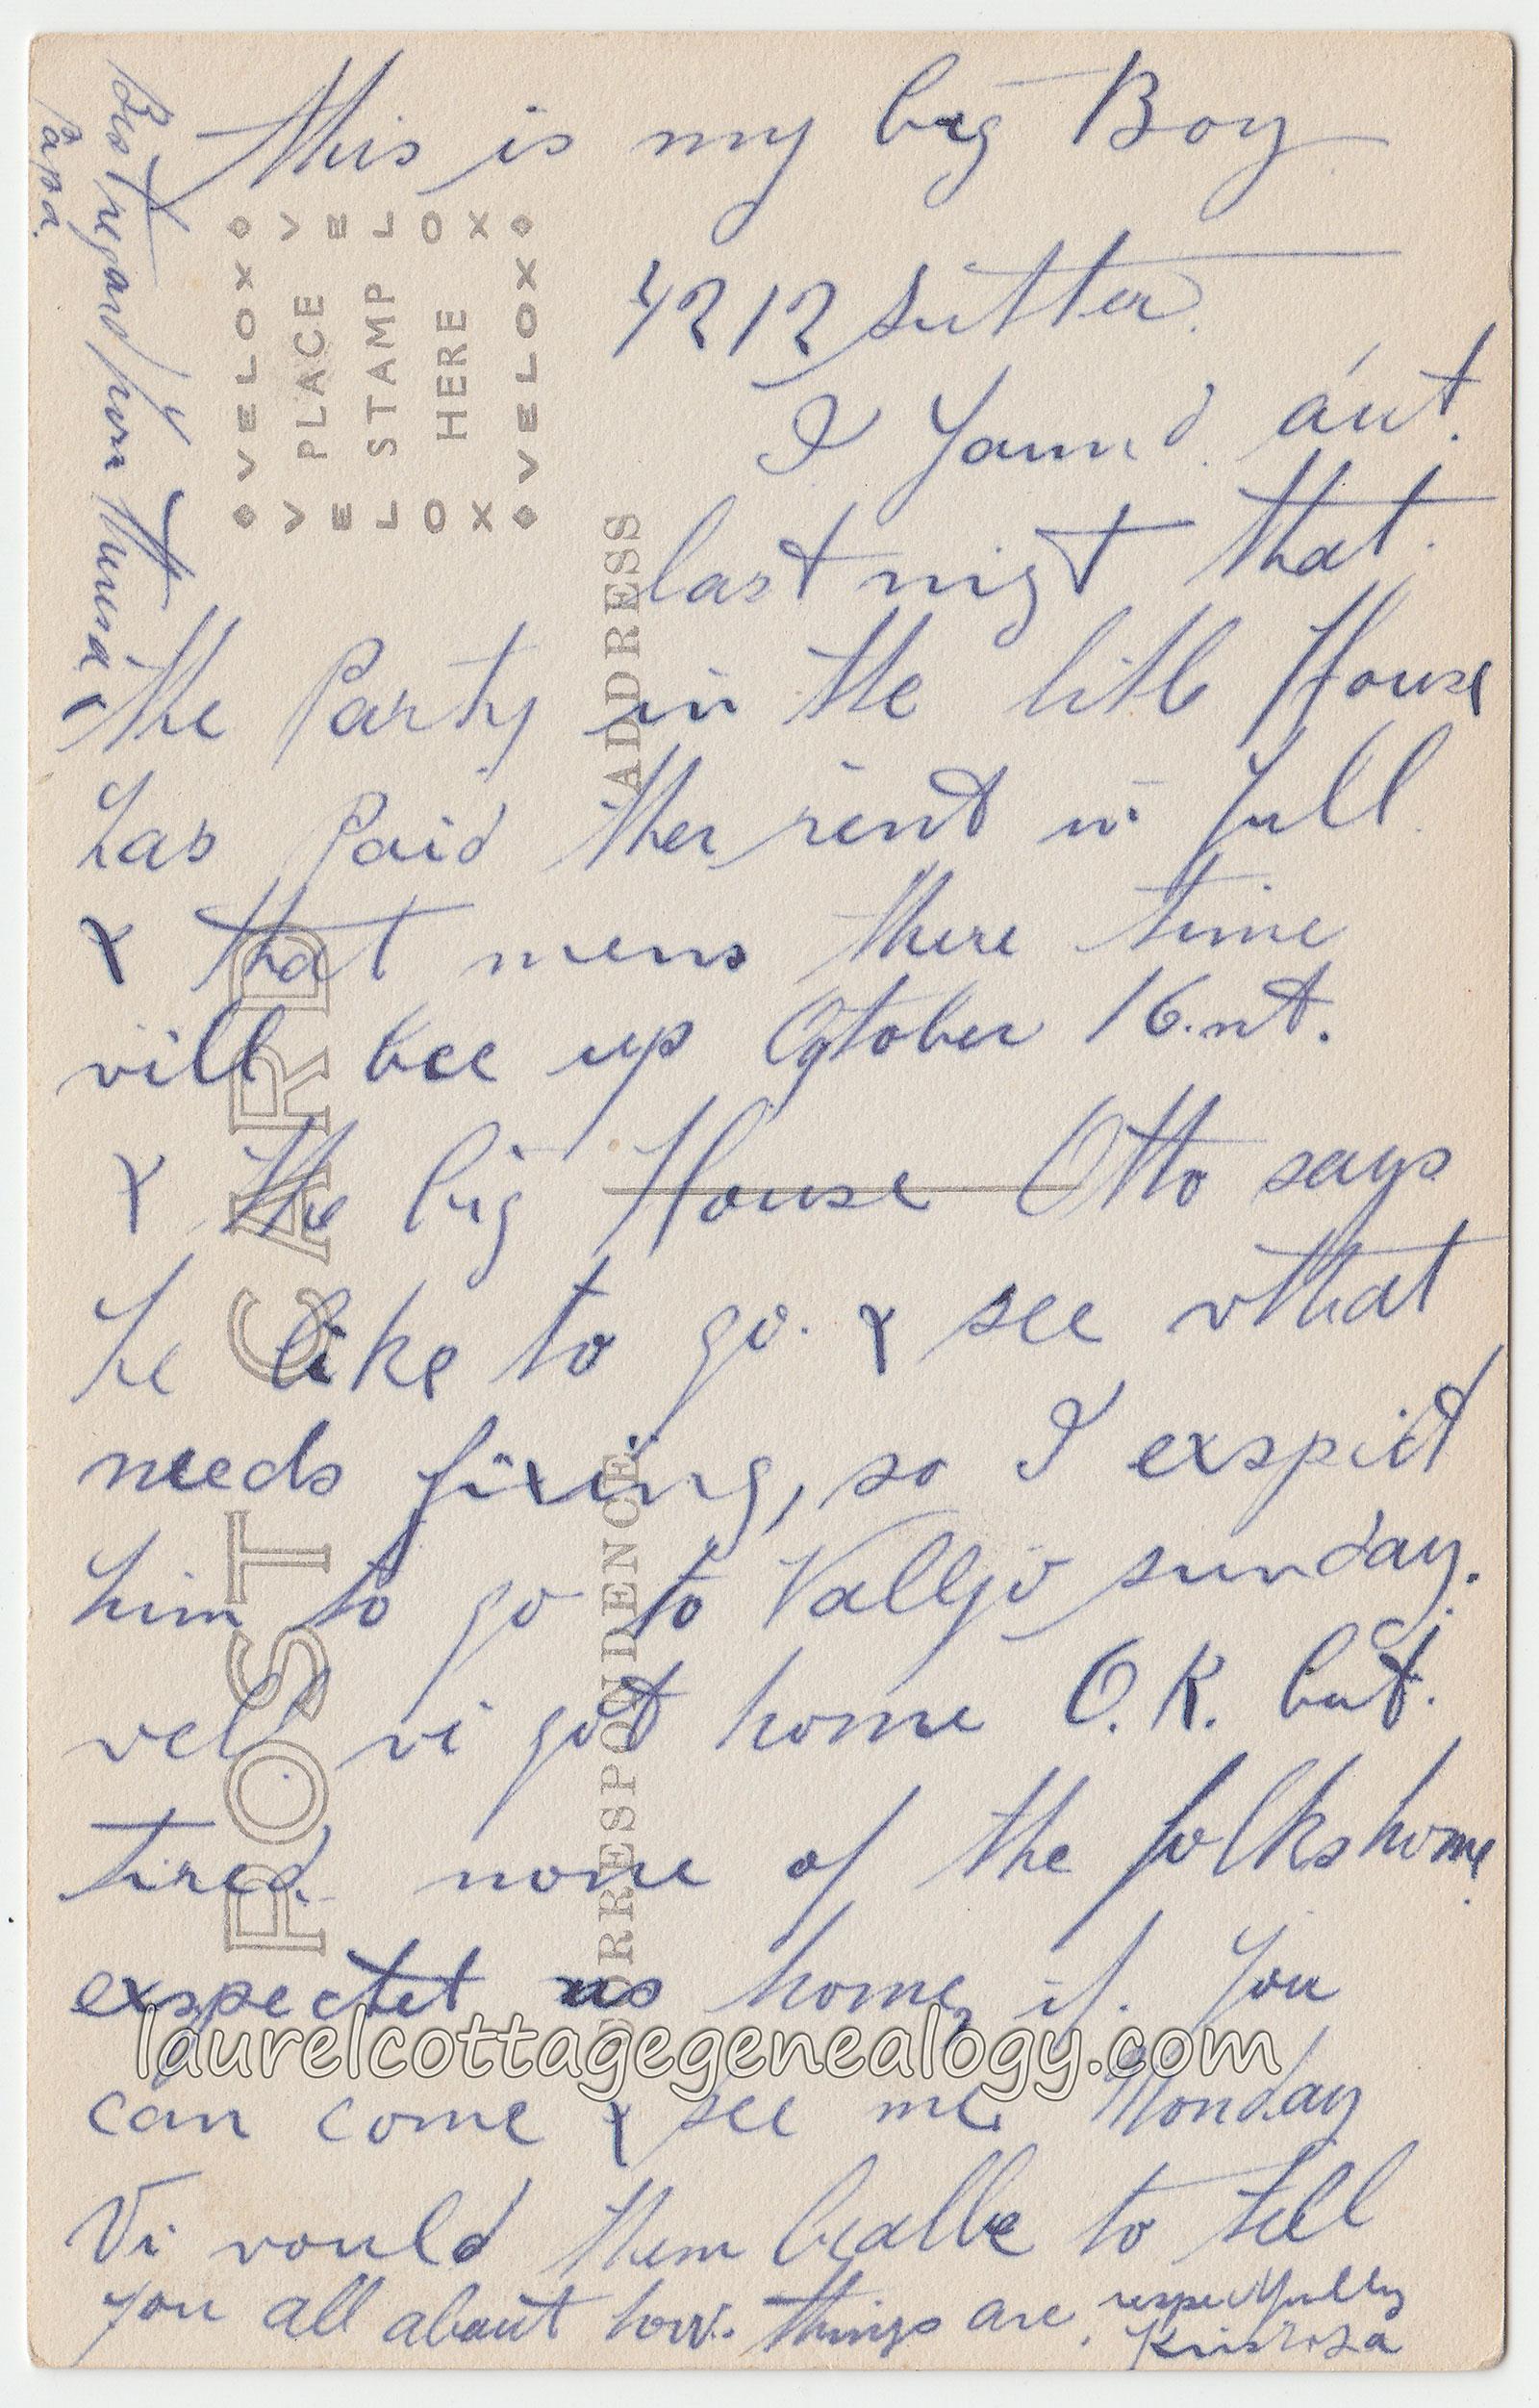 Lace Laurel Cottage Genealogy